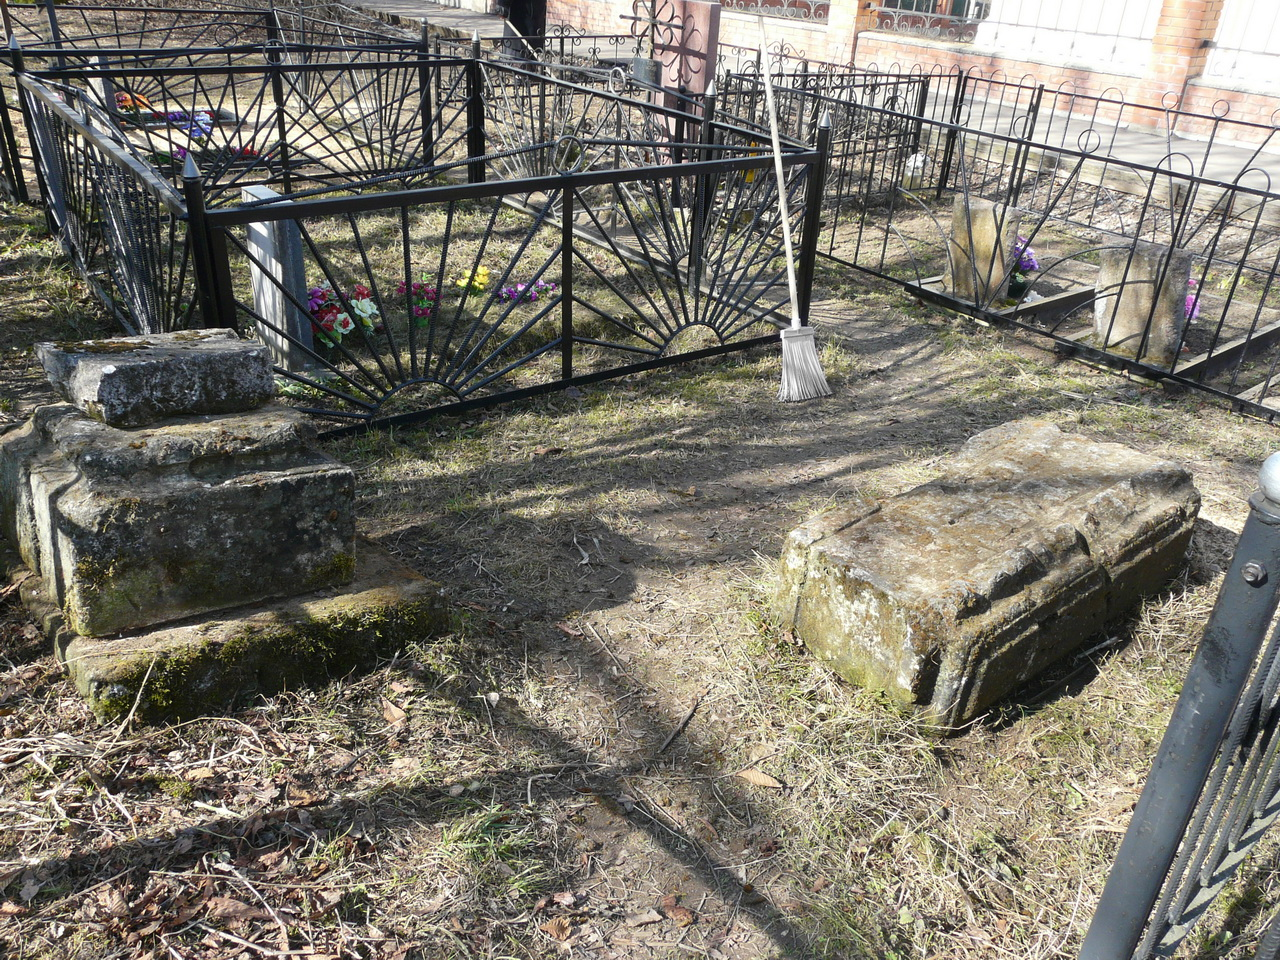 25 апреля 2011 года. Слева неизвестный старинный памятник на трахонеевском кладбище. Справа - ещё более старинное надгробие. Фото Д.Ю. Кувыркова.